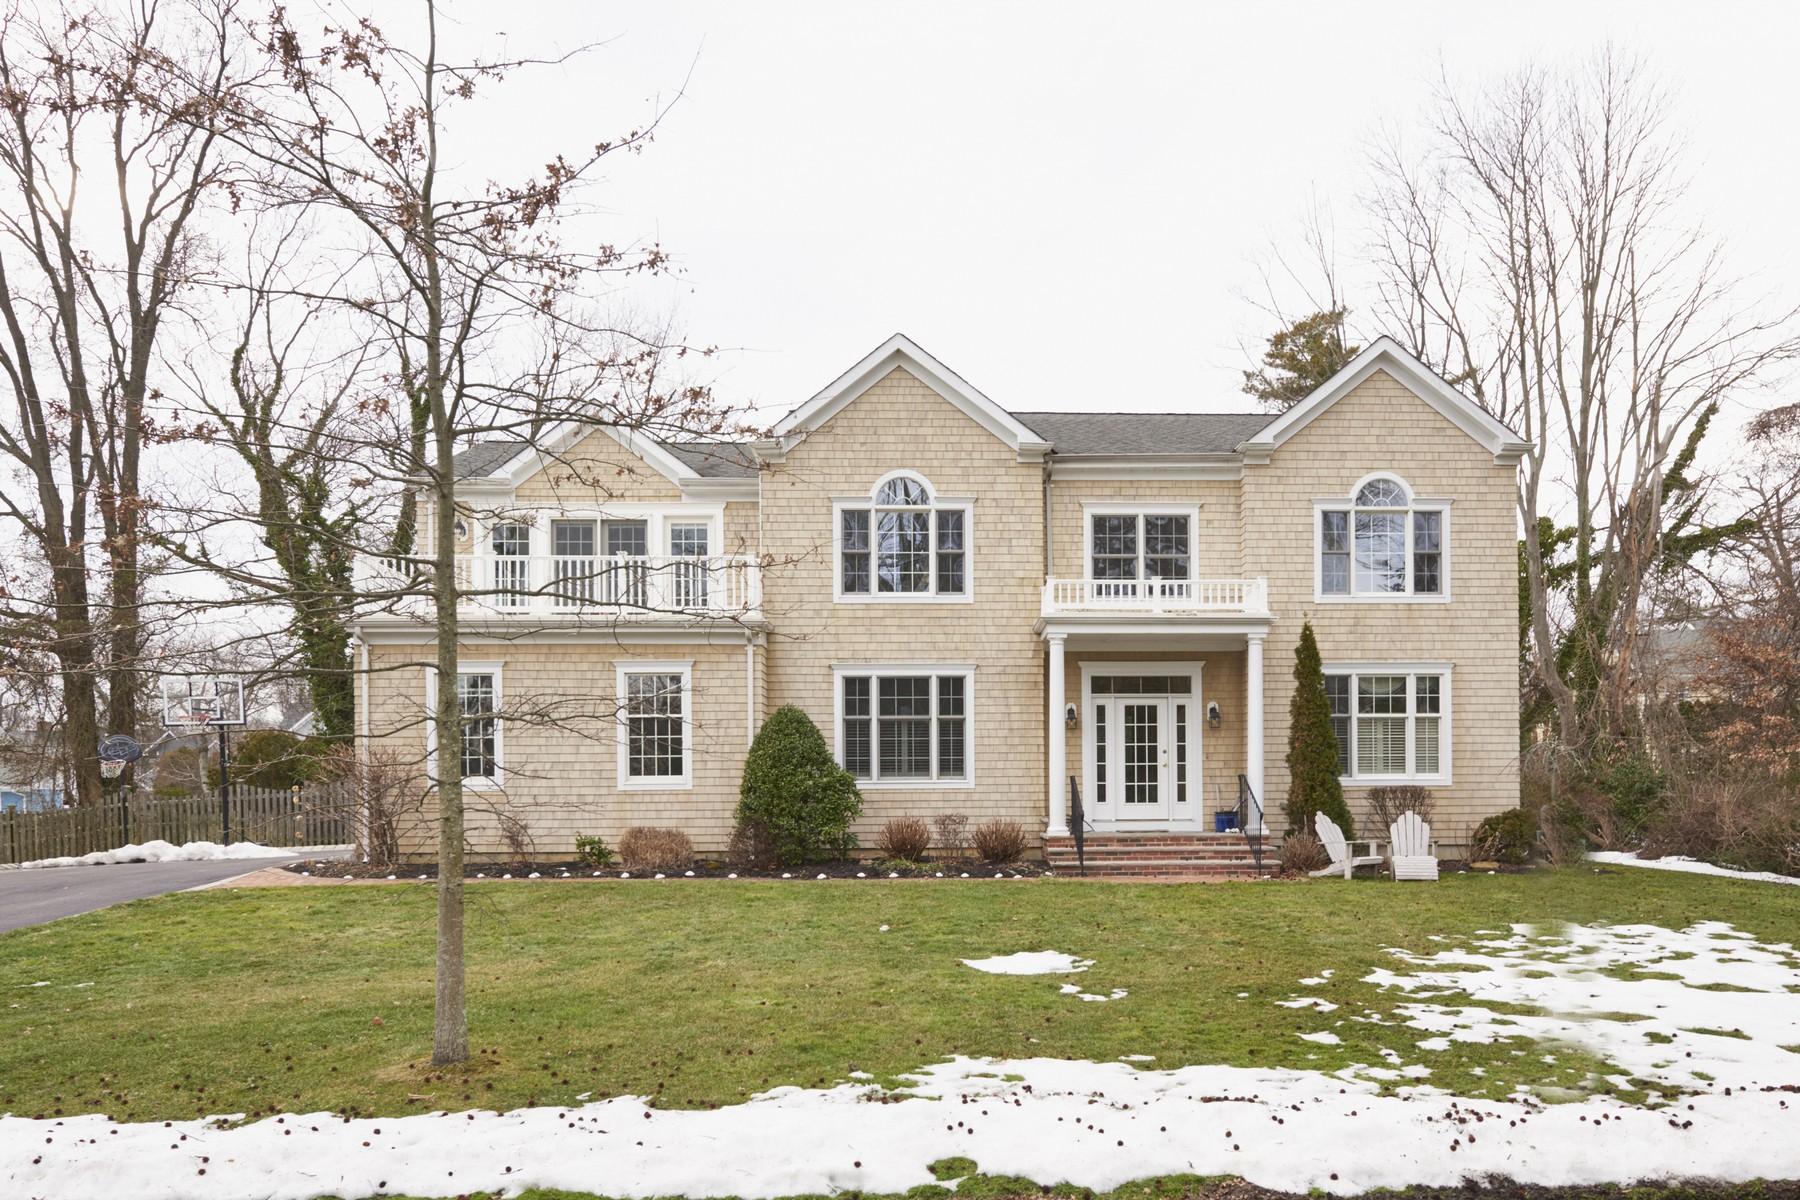 Частный односемейный дом для того Продажа на Seashore Colonial 80 Navesnk Ave Rumson, Нью-Джерси 07760 Соединенные Штаты